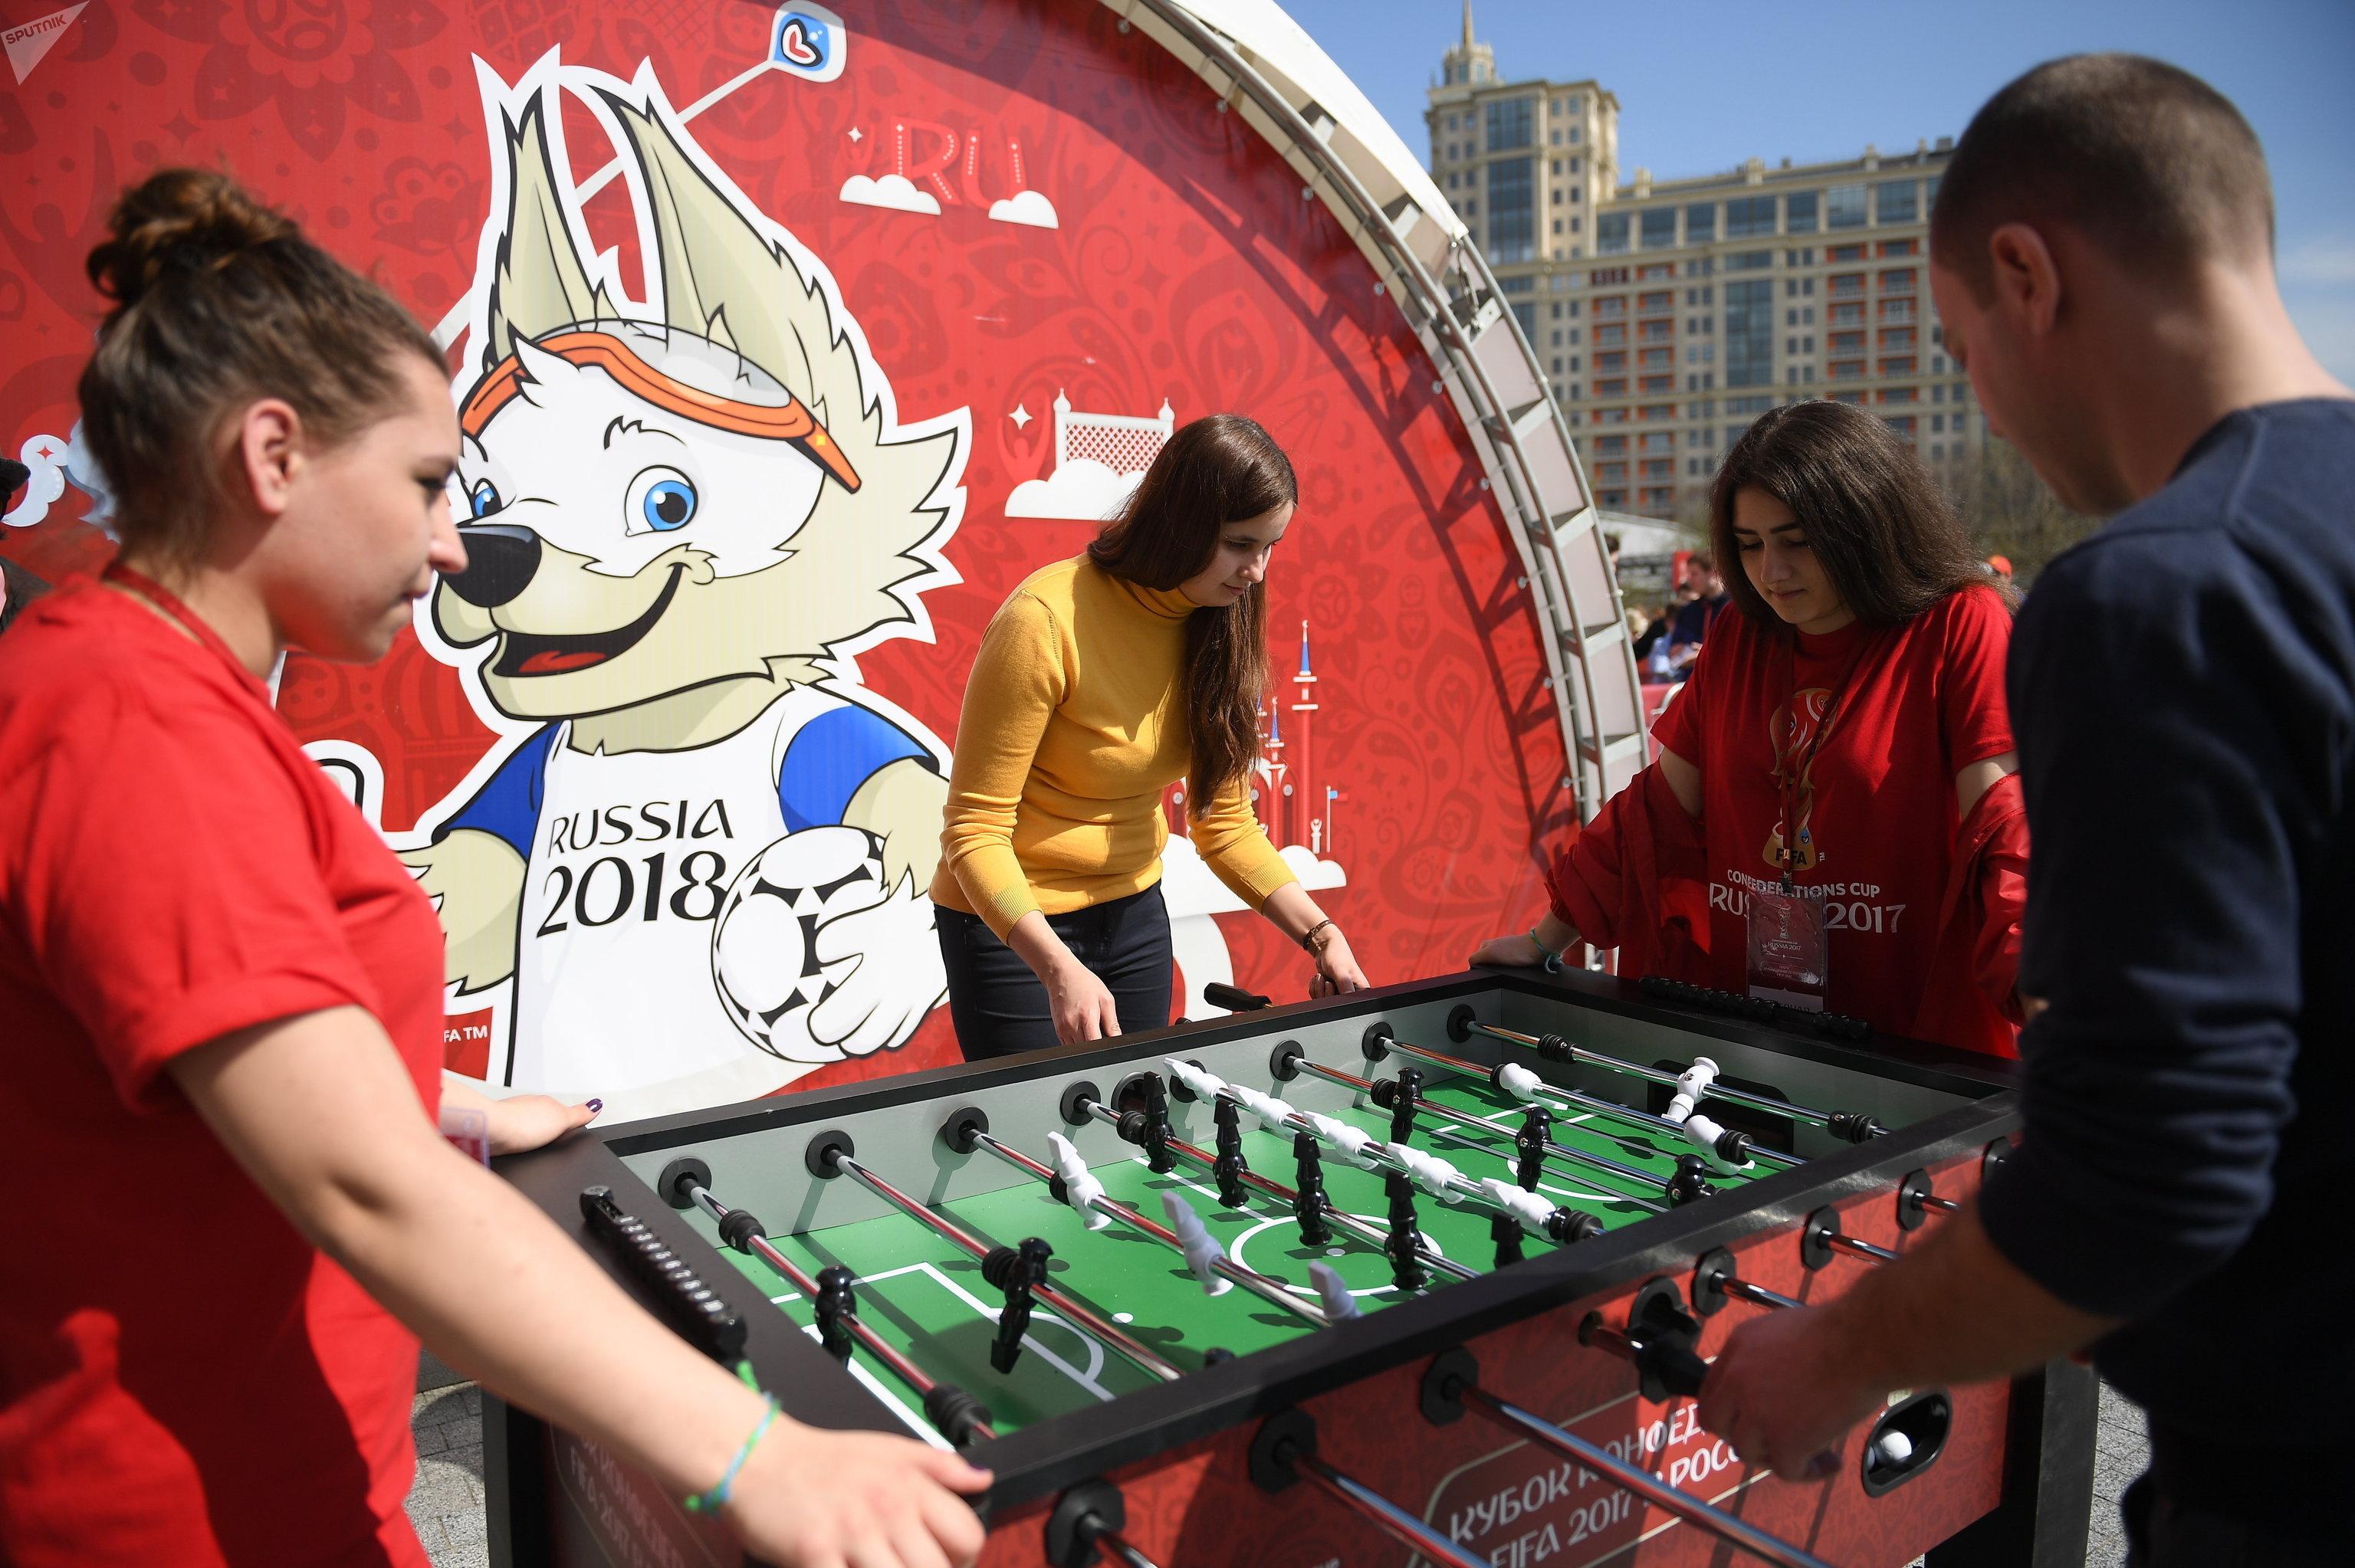 Los asistentes al parque juegan fútbol de mesa